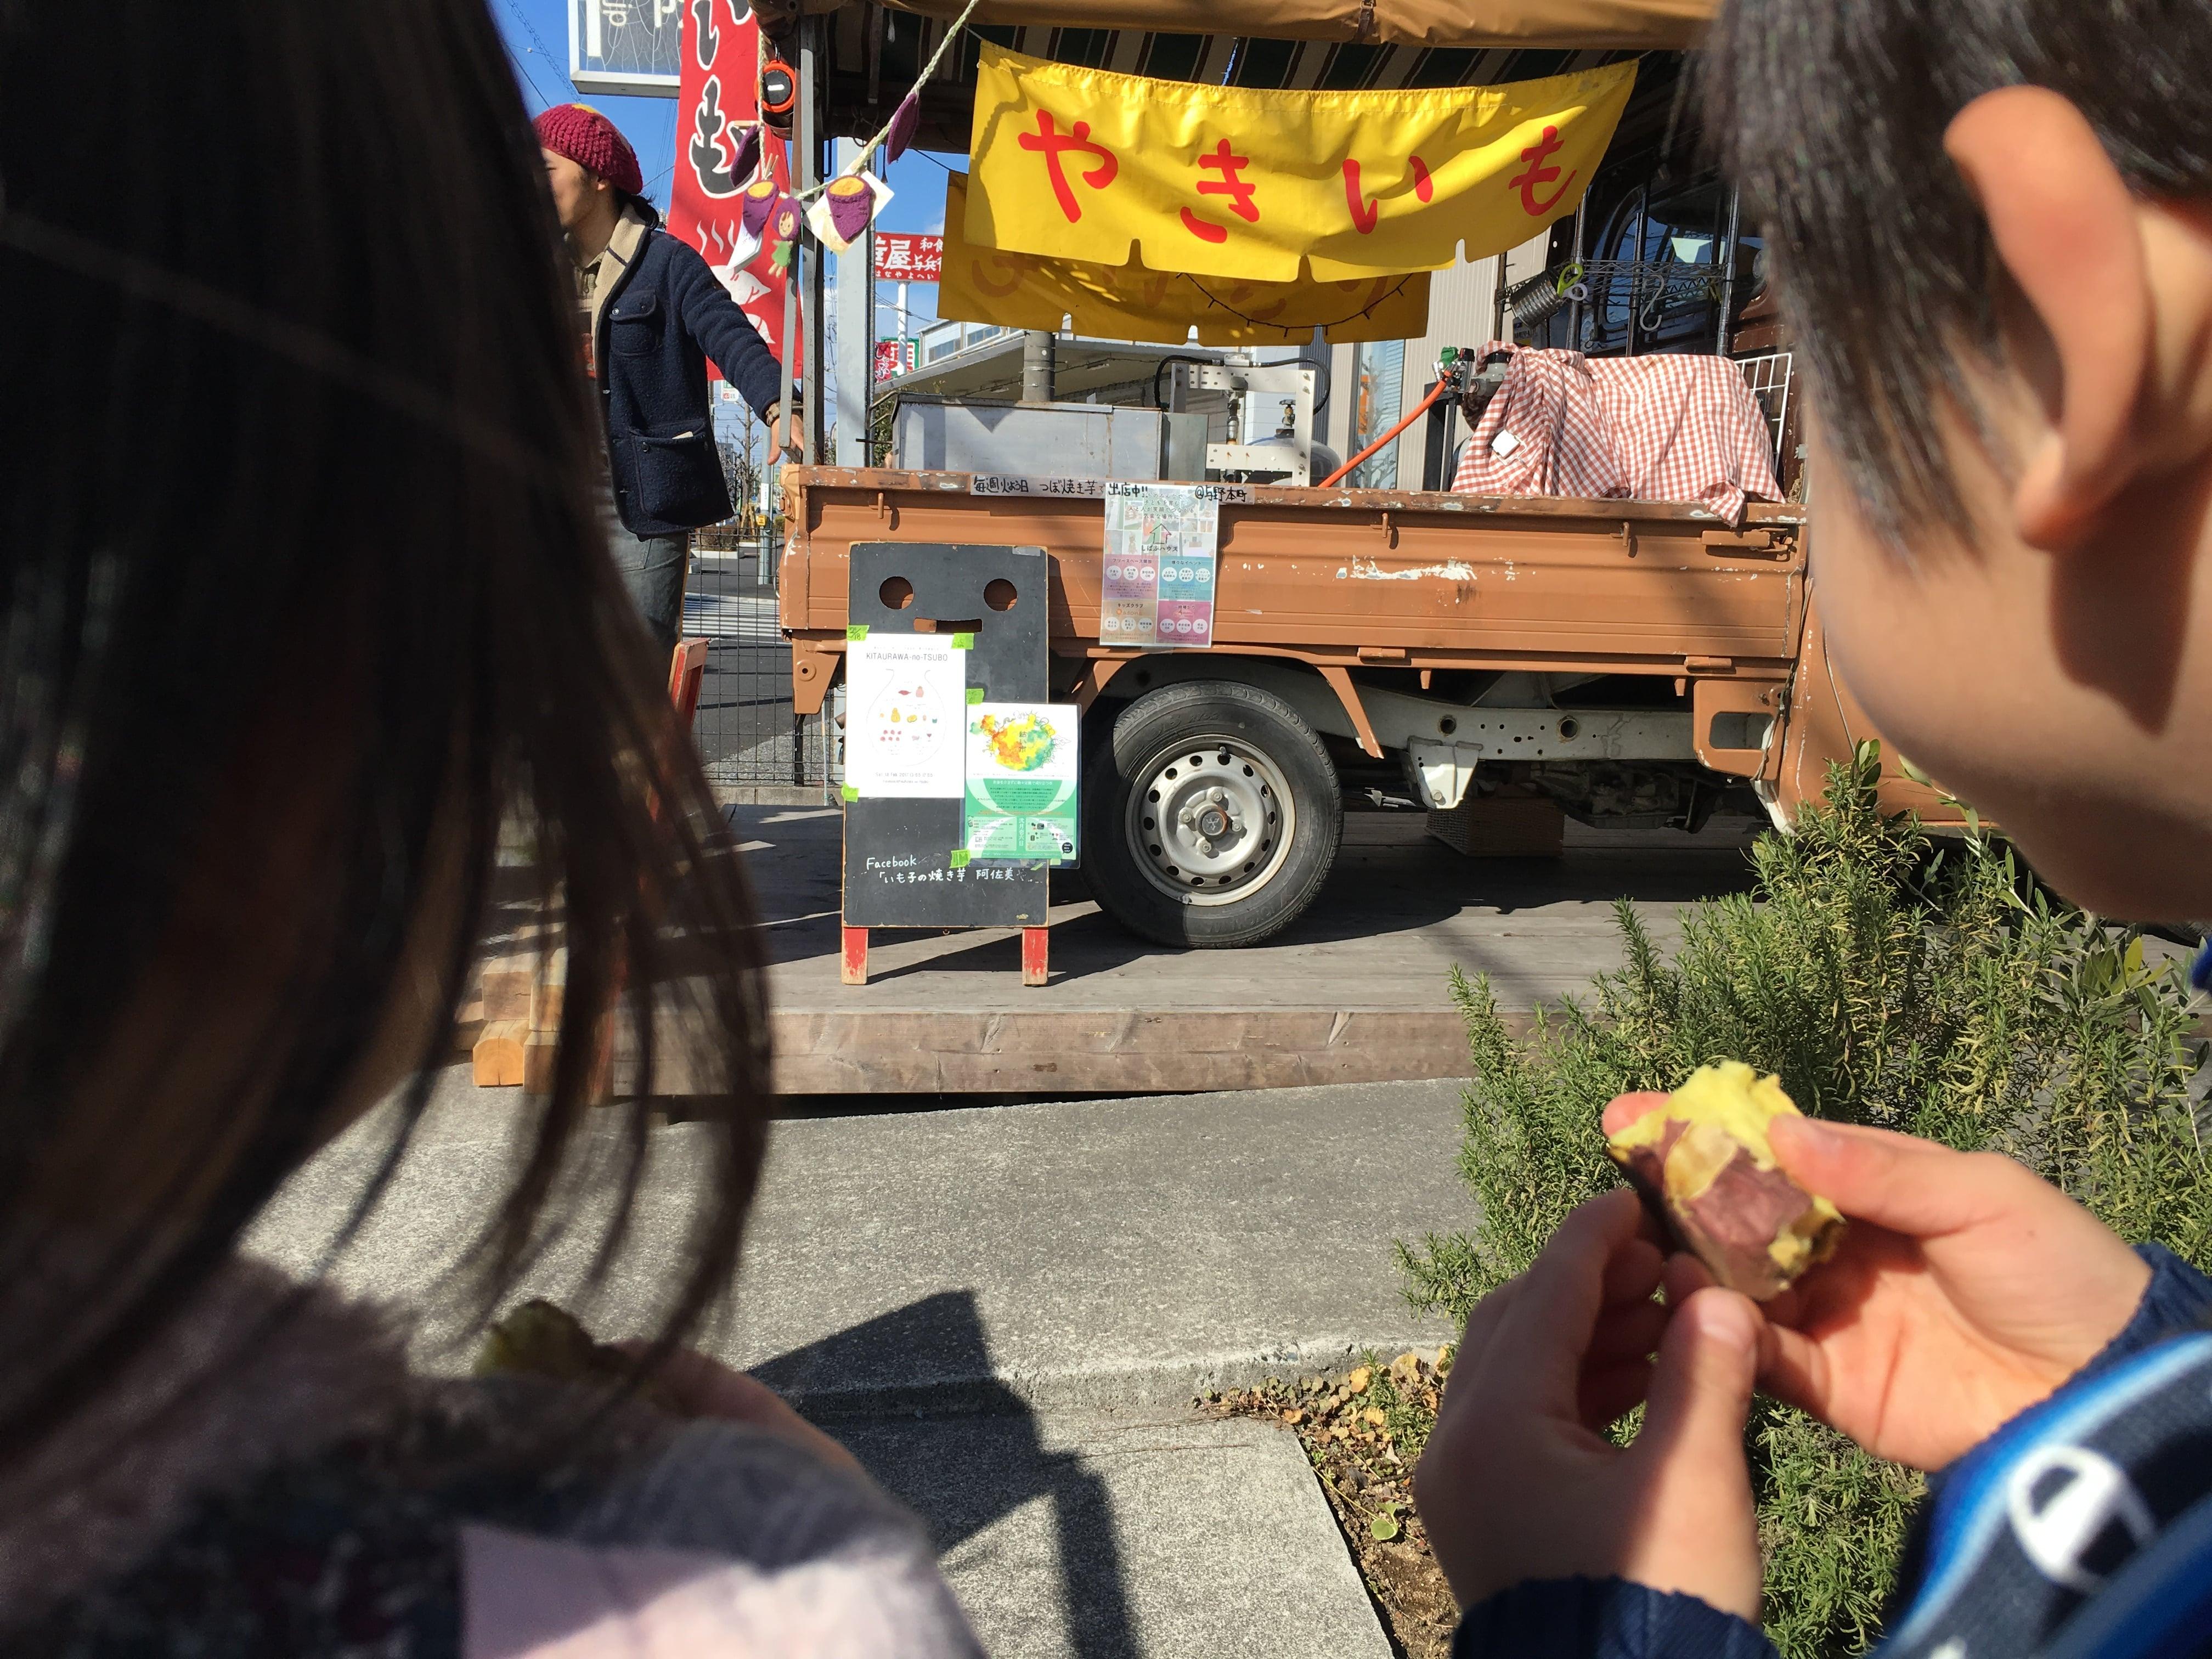 【2月21日】阿佐美やの焼き芋を食べる会のイメージその1